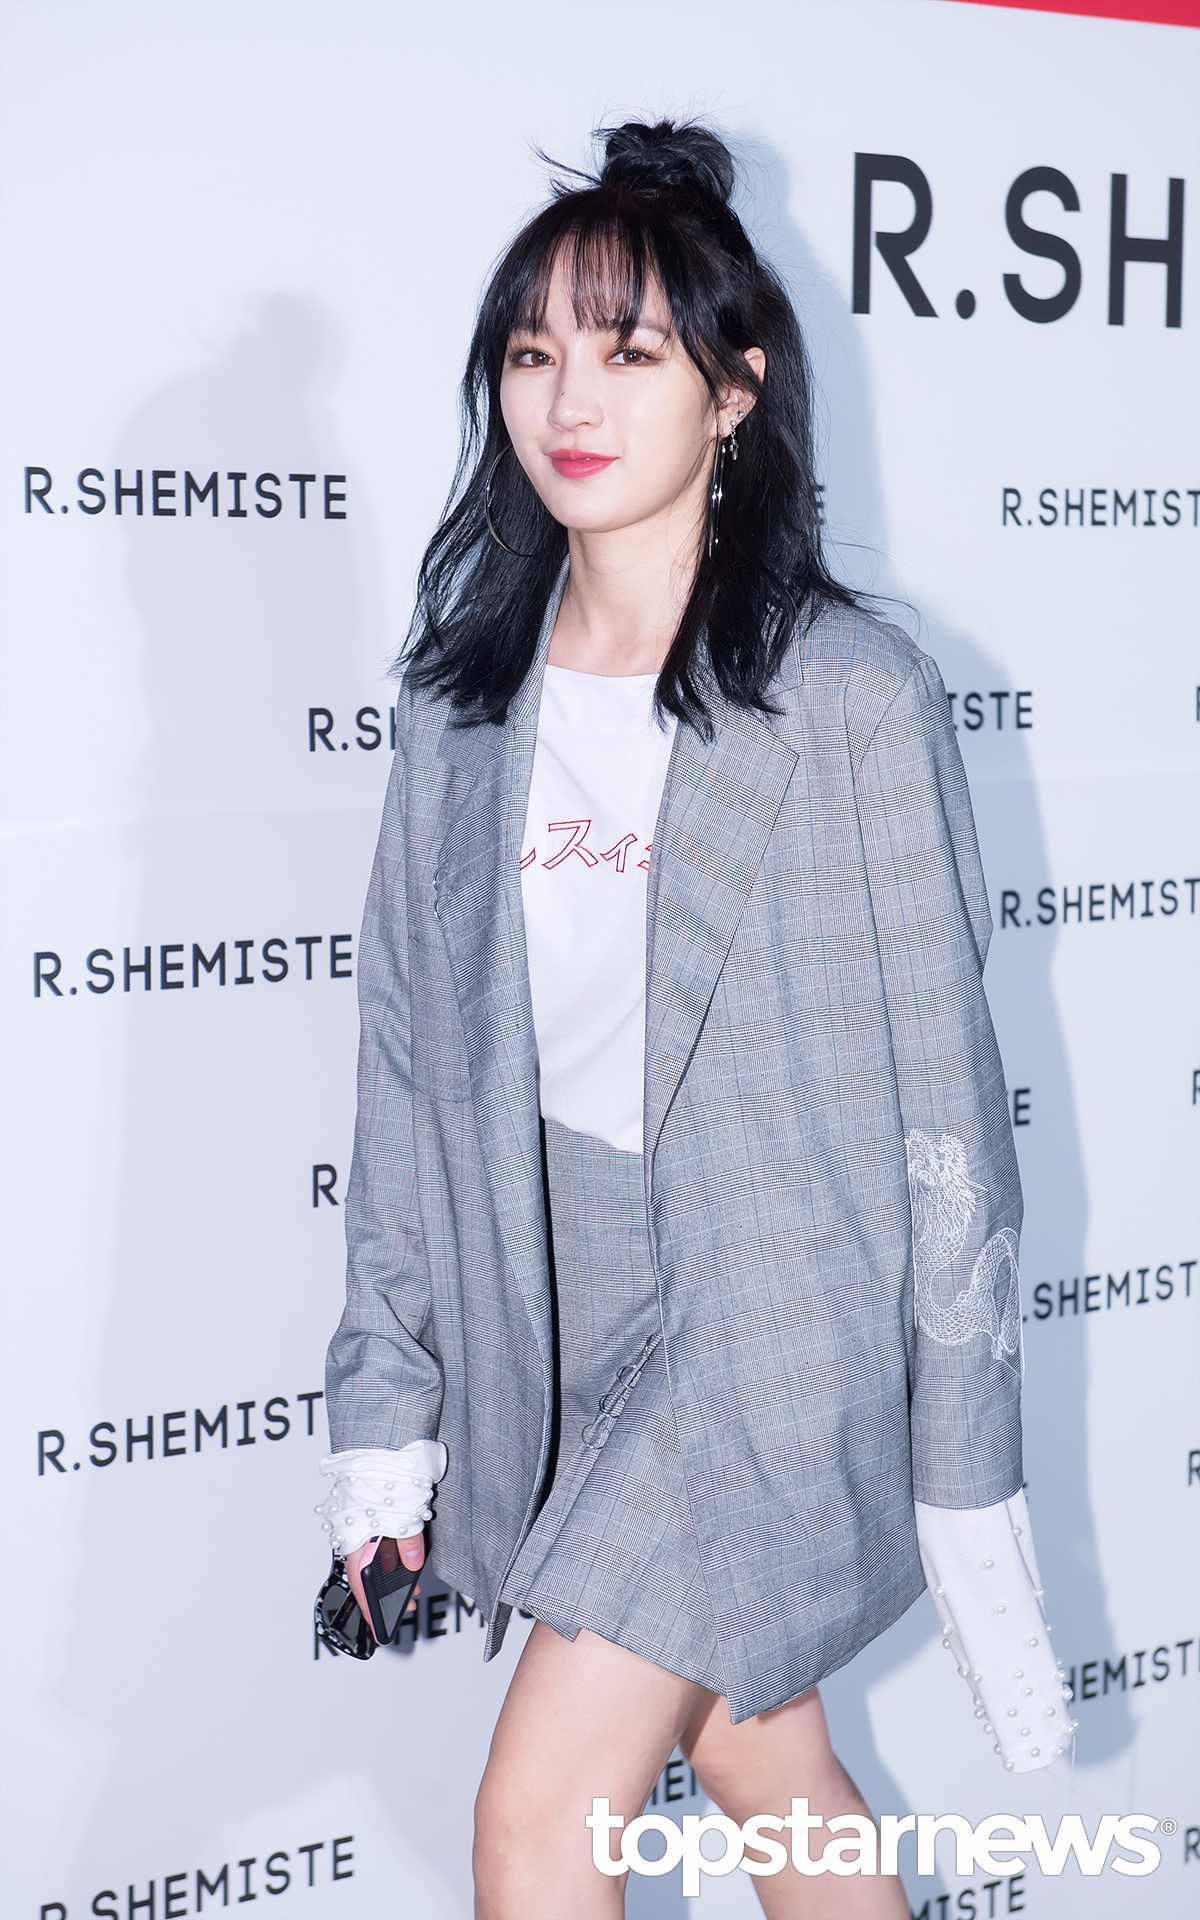 而今天一早JYP官方網站就發表出:「 Jia在5月20日和JYP娛樂的契約就終結了,我們會為和JYP一起渡過這麼長時間的Jia應援,希望她以後會發展的更好。」